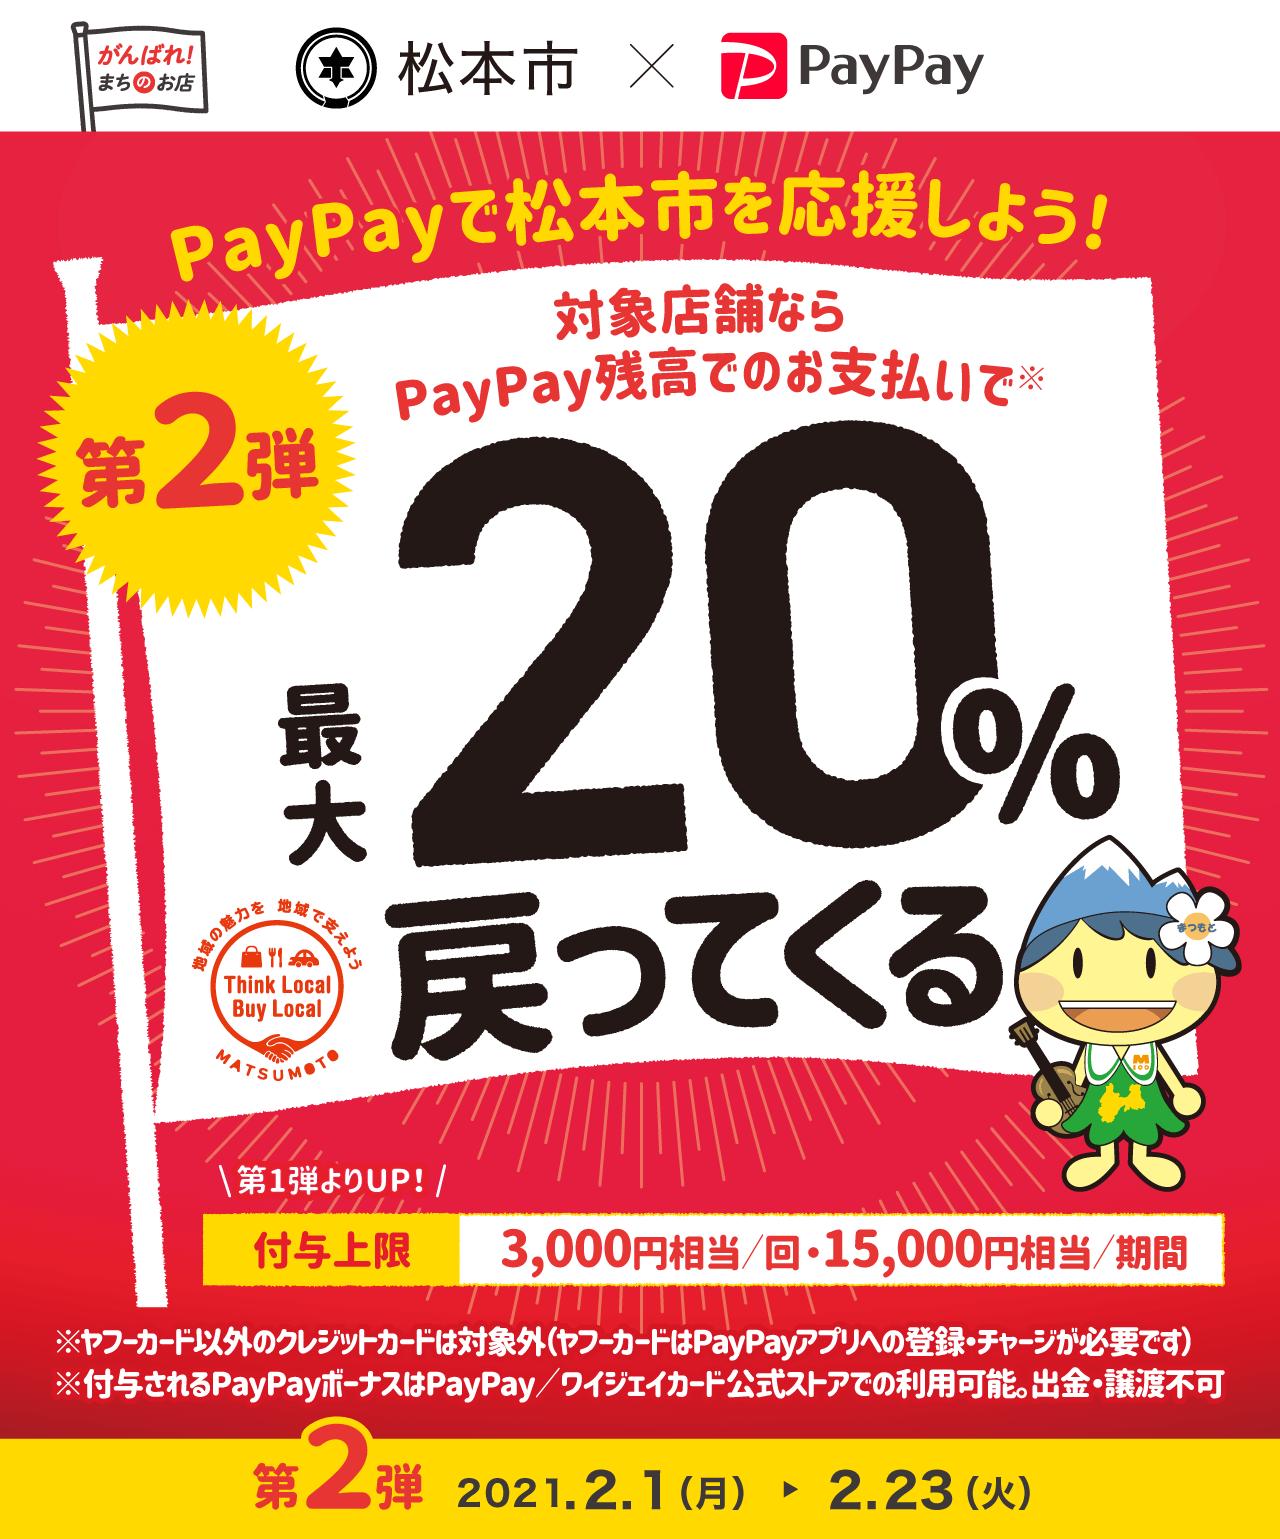 PayPayで松本市を応援しよう! 第2弾 対象店舗ならPayPay残高でのお支払いで 最大20%戻ってくる